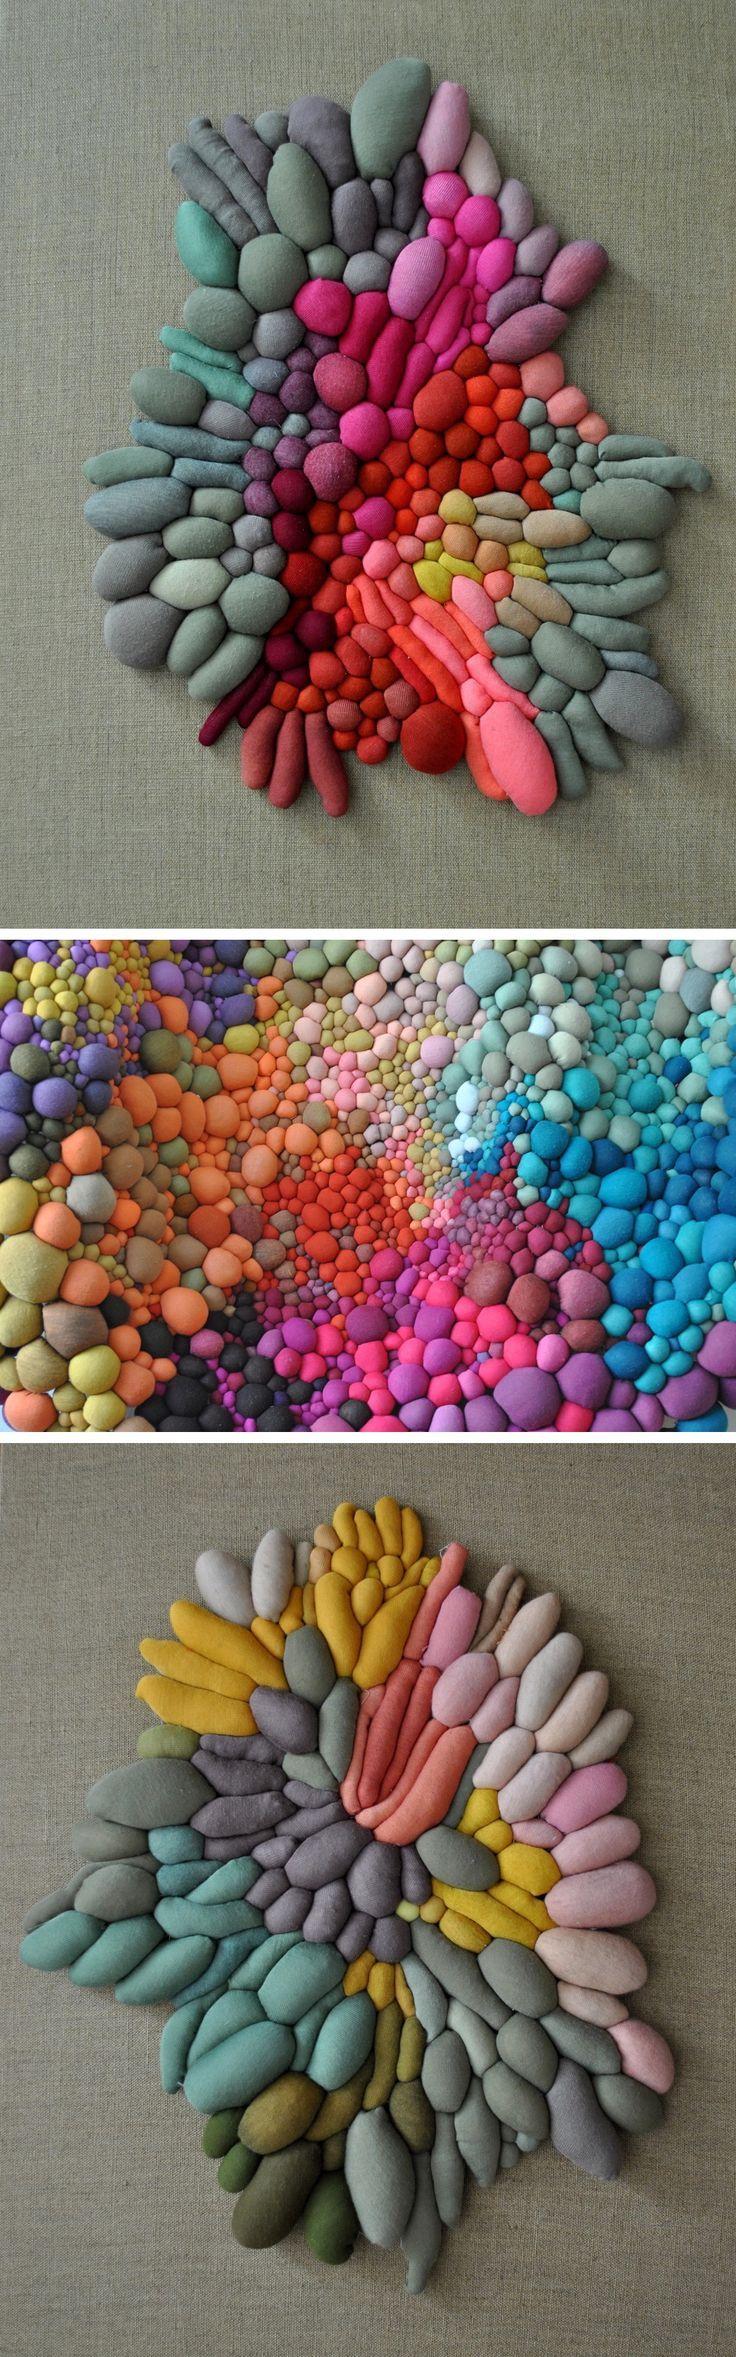 15+ DIY Textile Home Decor Ideas